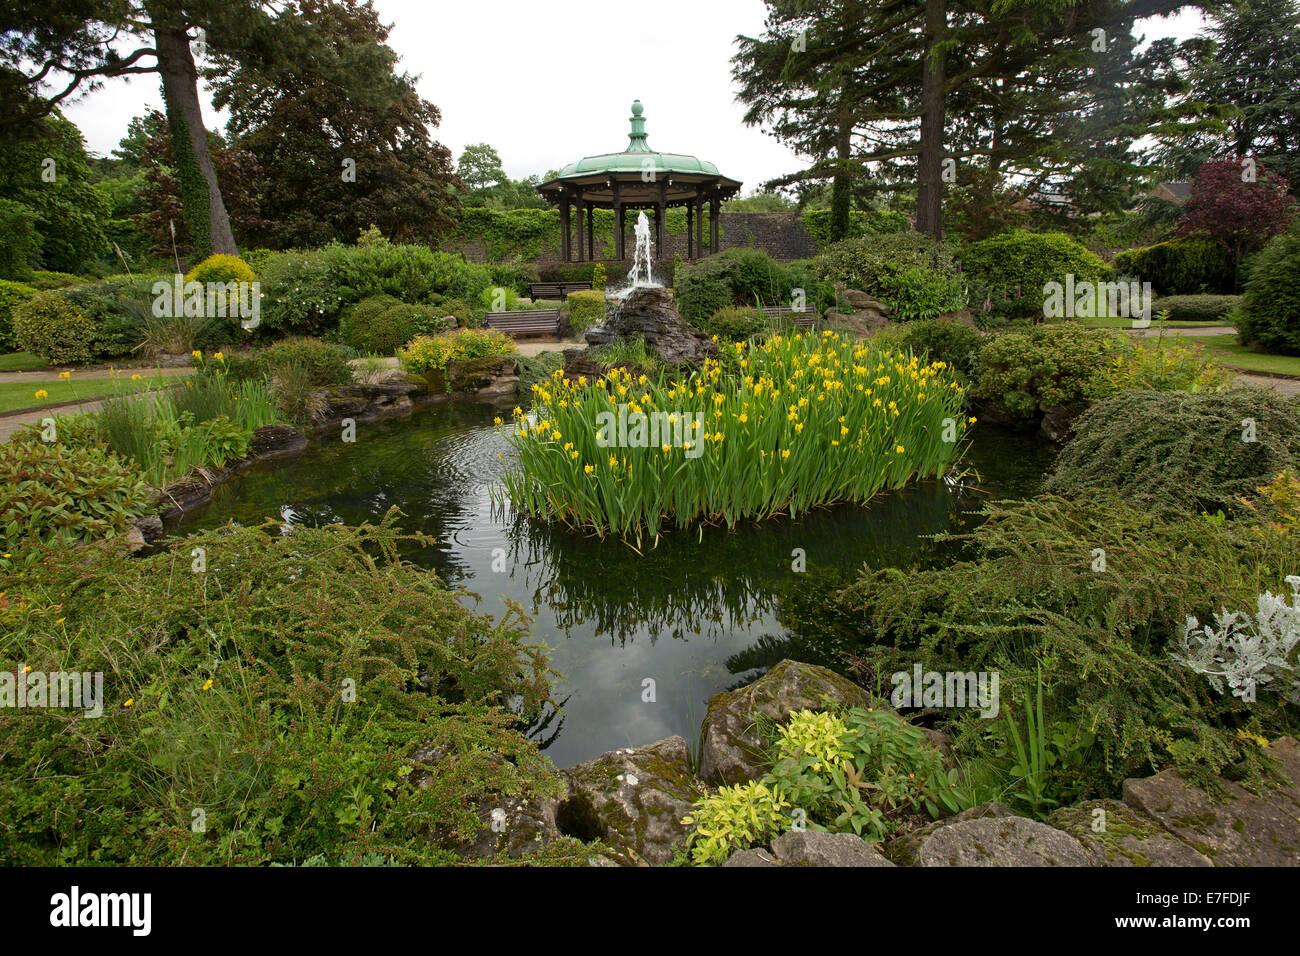 Park mit Musikpavillon, Steingarten, Bäumen, Sträuchern und Teich ...